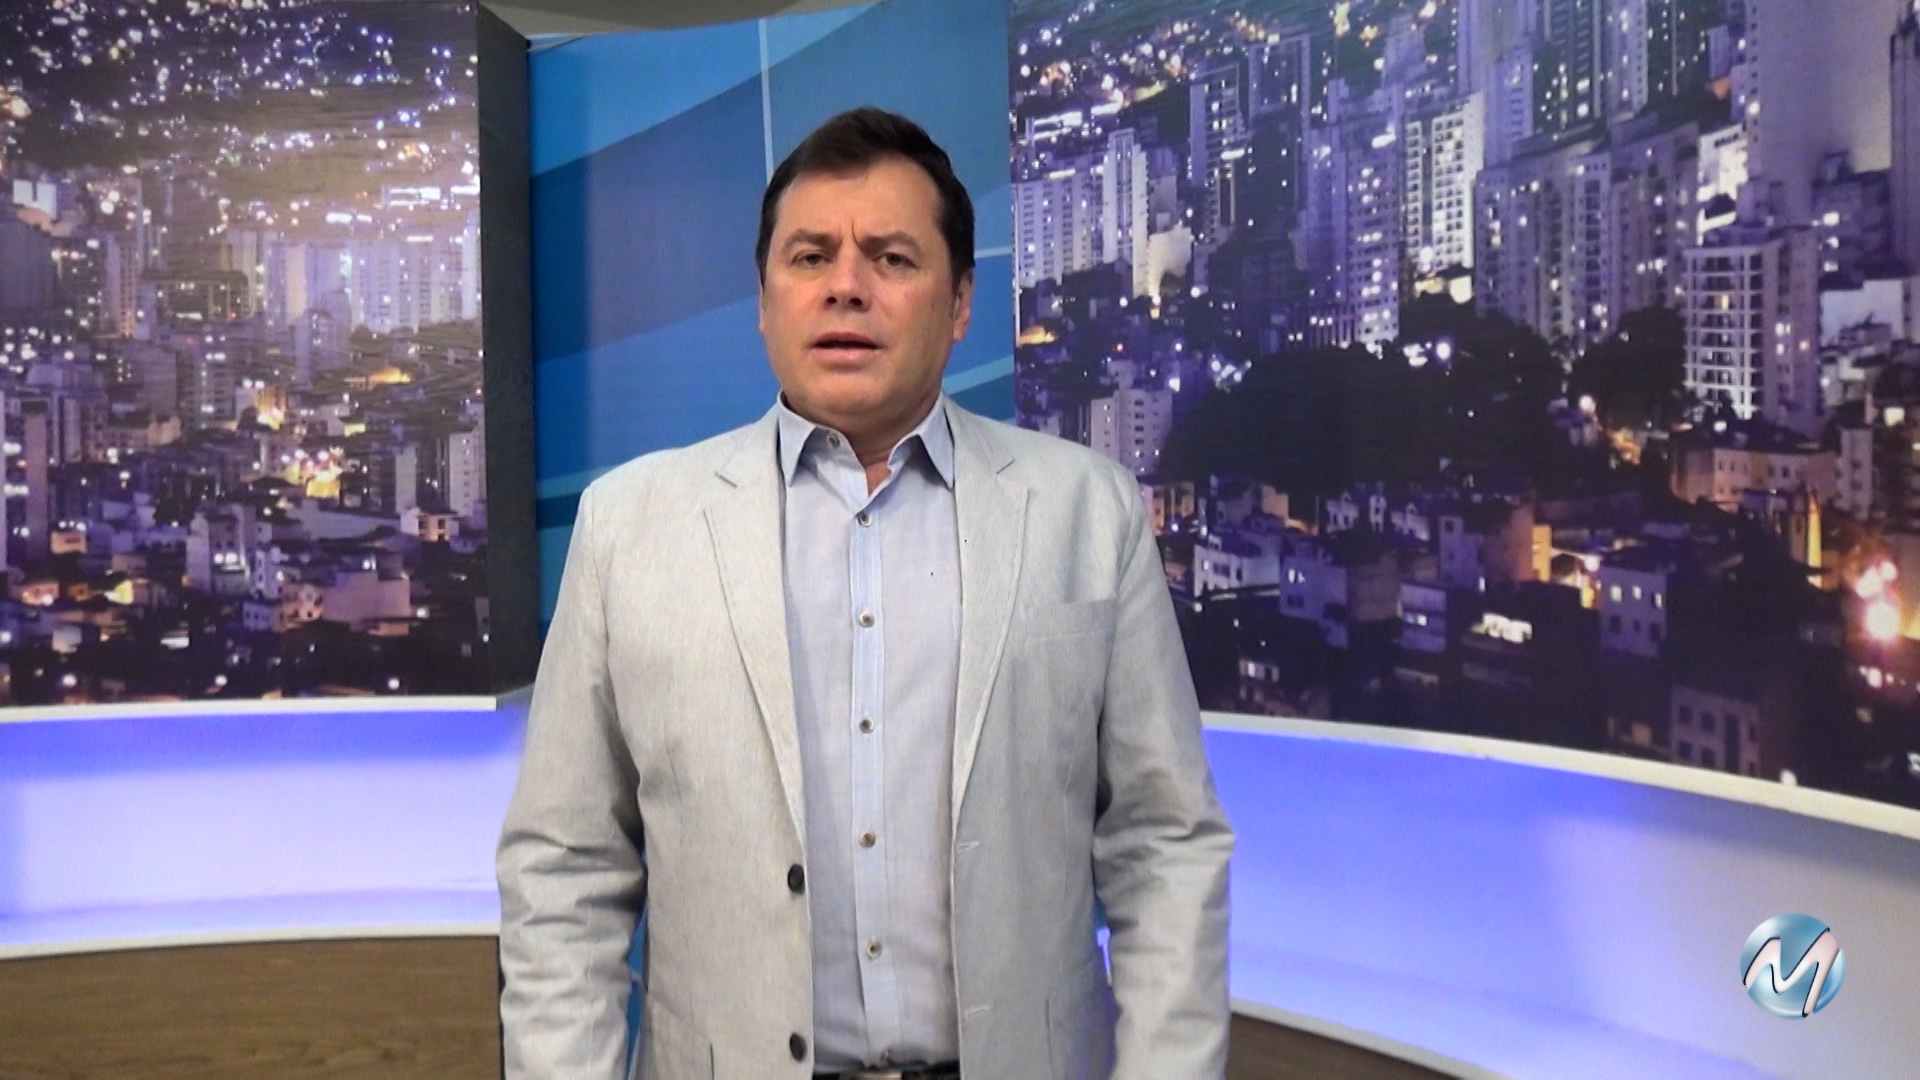 Fatos em Foco – 26/06/2021 – José Luiz Magrão traz as novidades do circuito social